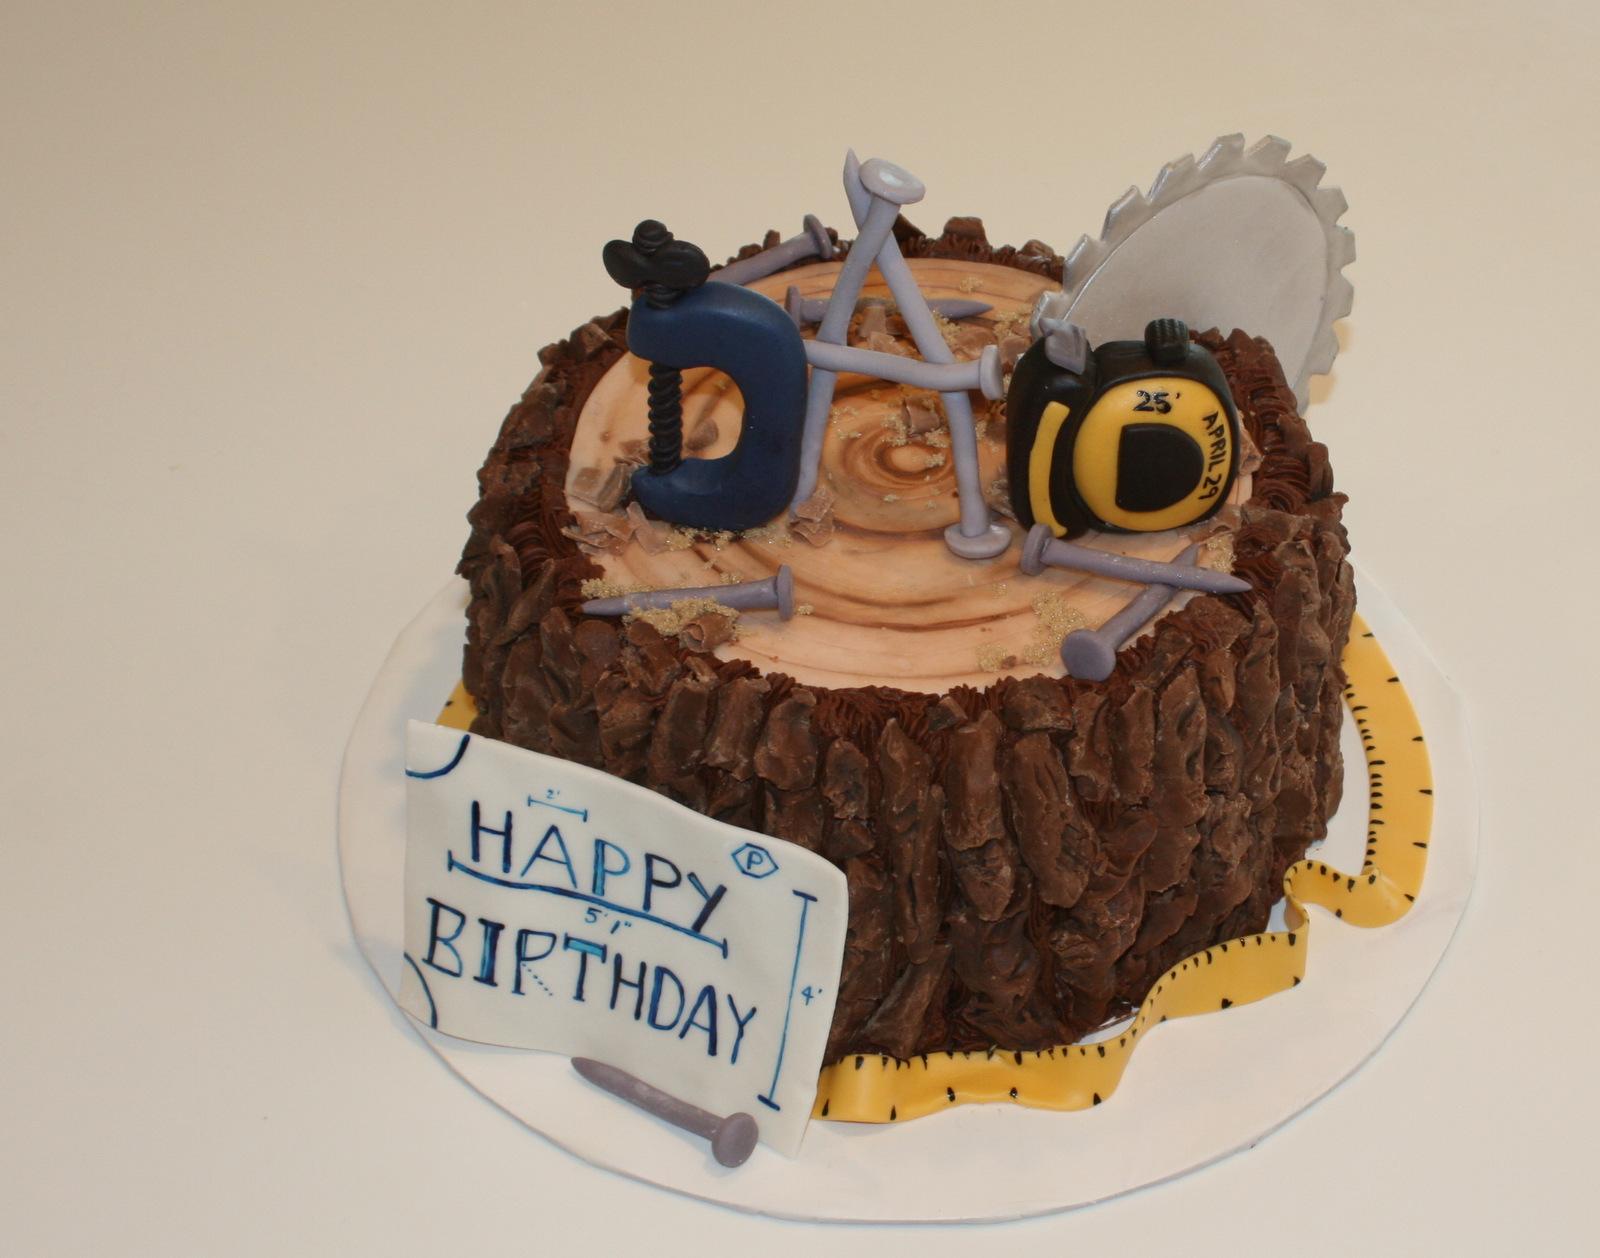 Genevre S Bakery Woodworker S Cake